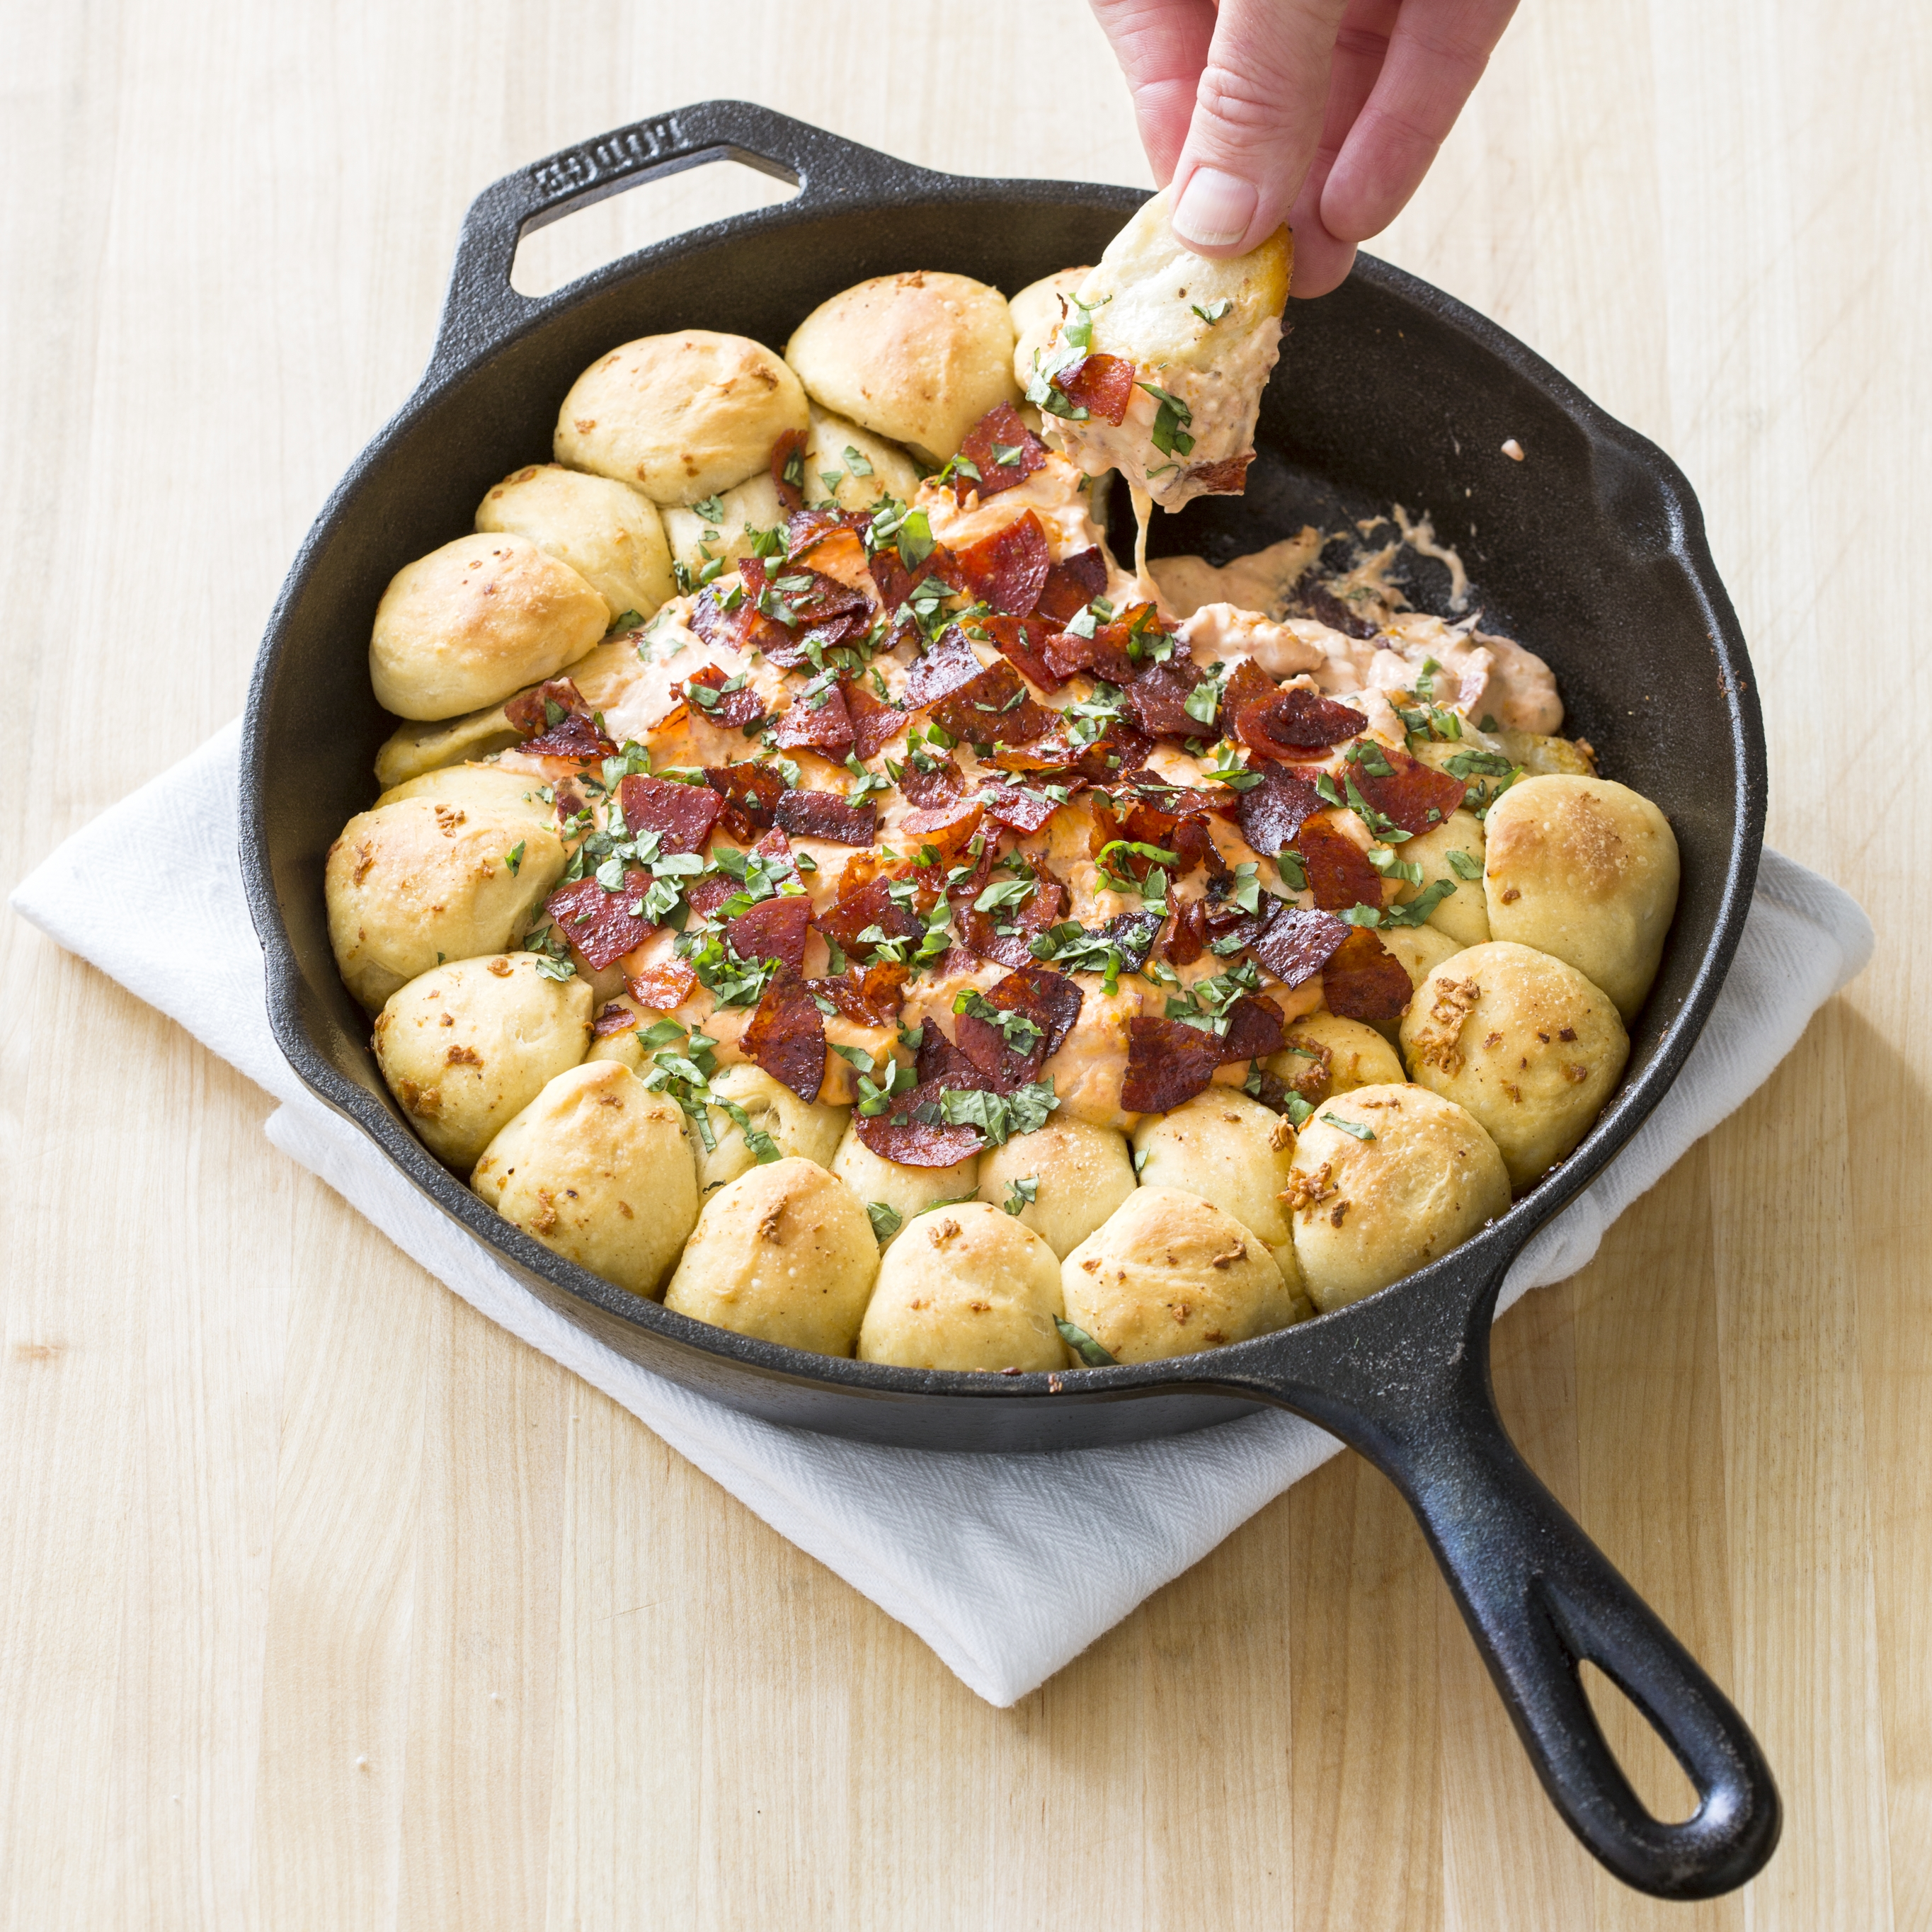 American Home Kitchen Pan Seasoning